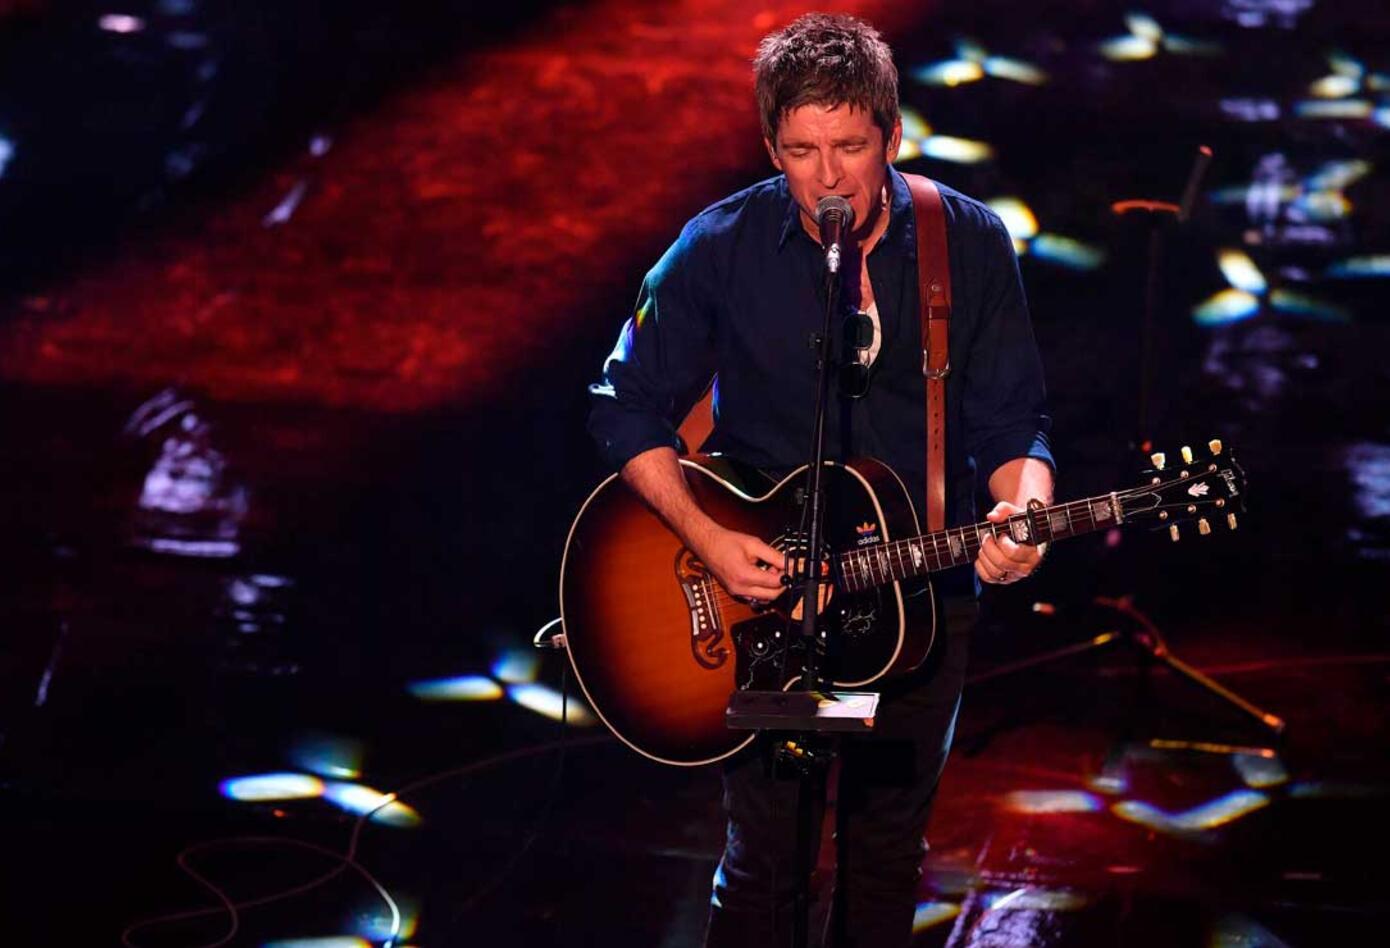 El cantante británico Noel Gallagher animó el show principal en la la gala de los premios The Best organizada por la FIFA